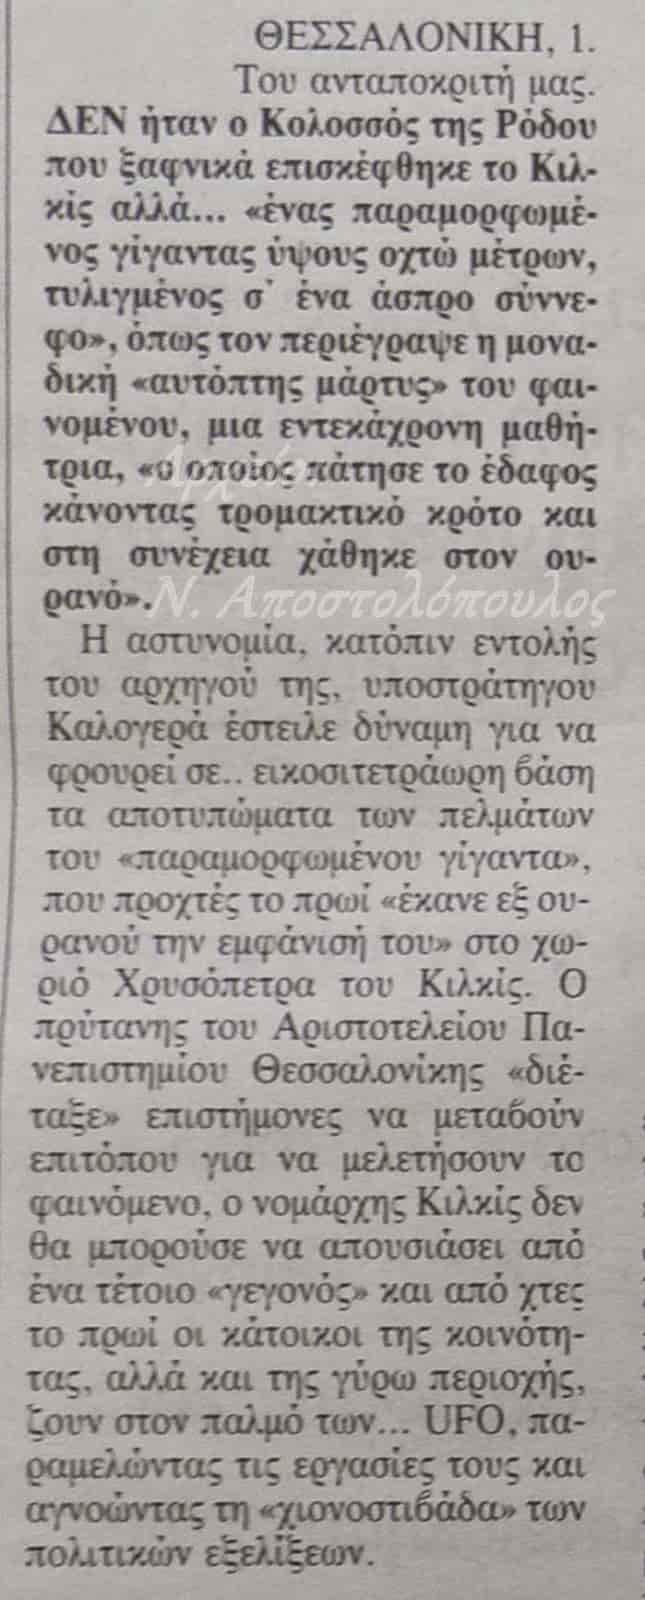 Το μυστηριώδες περιστατικό της Χρυσόπετρας (29/7/1989)